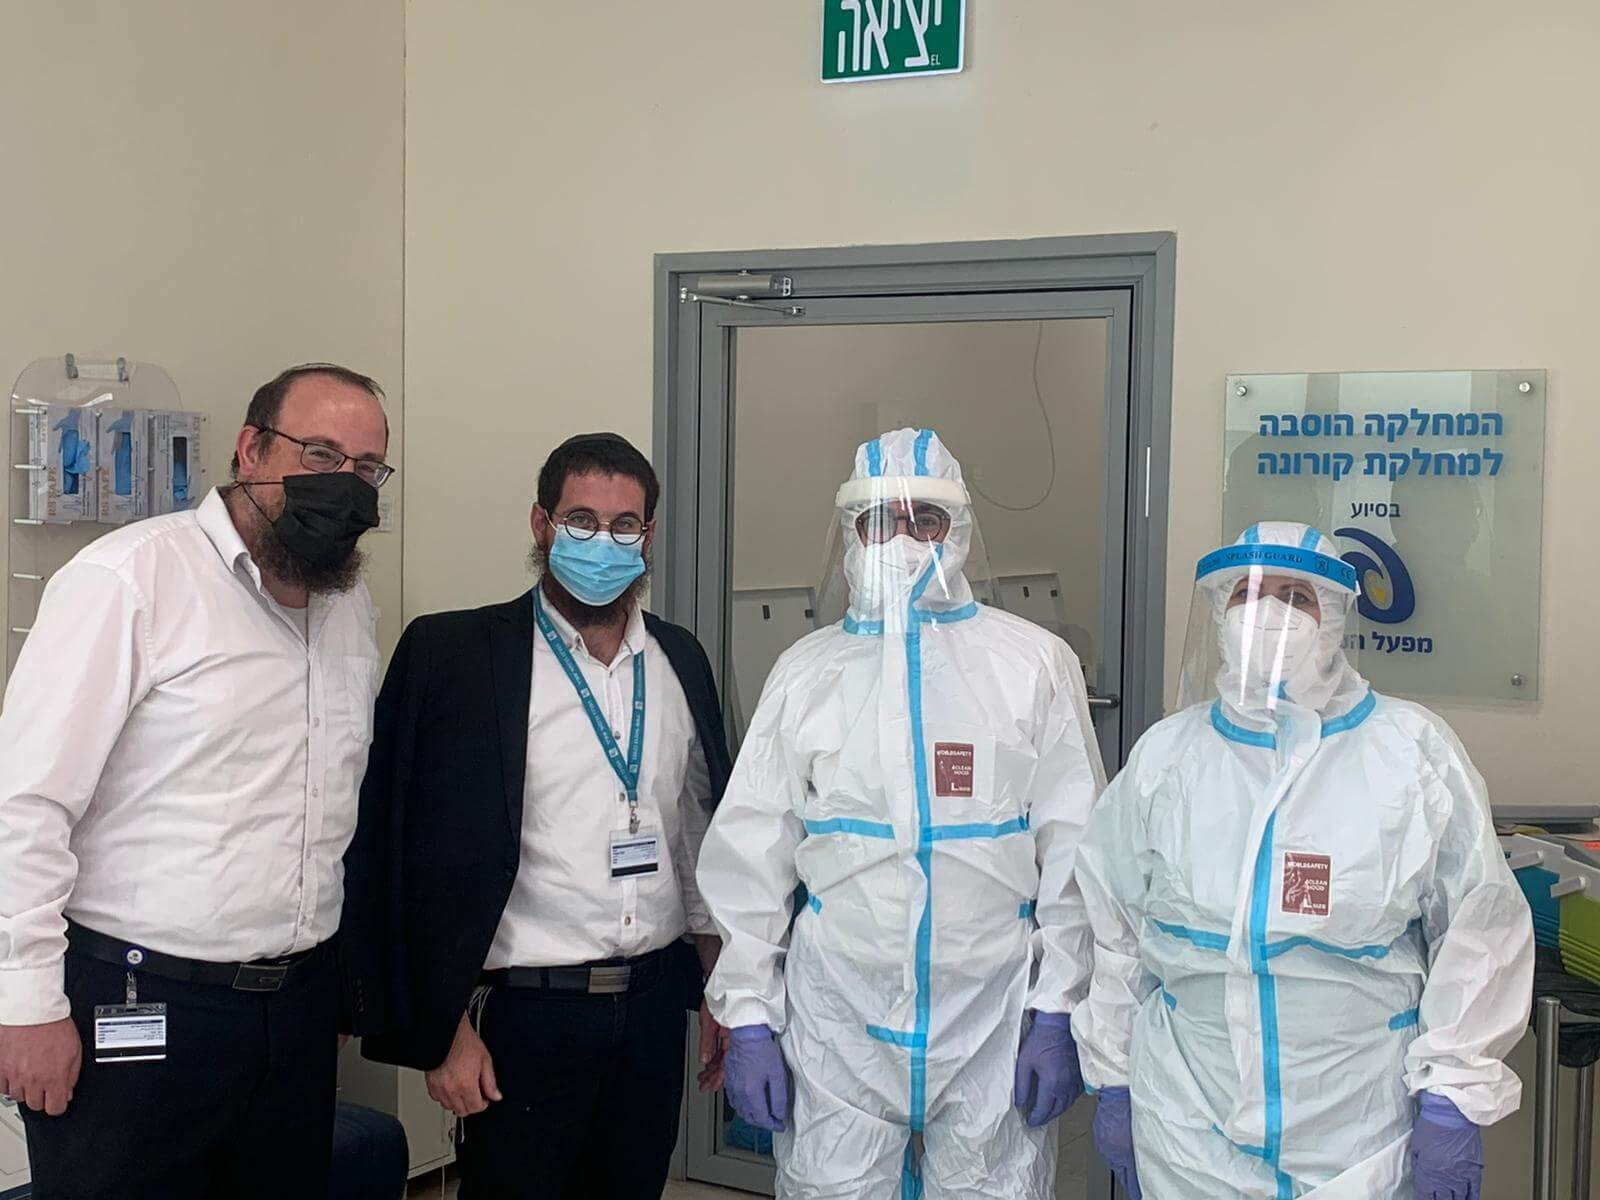 נסטור דיאנה, מתאמת נושא מניעת זיהומים בבית החולים (מימין), המתנדב מנדי מינסקי, הרב מנדי בקרמן מנהל בית חב